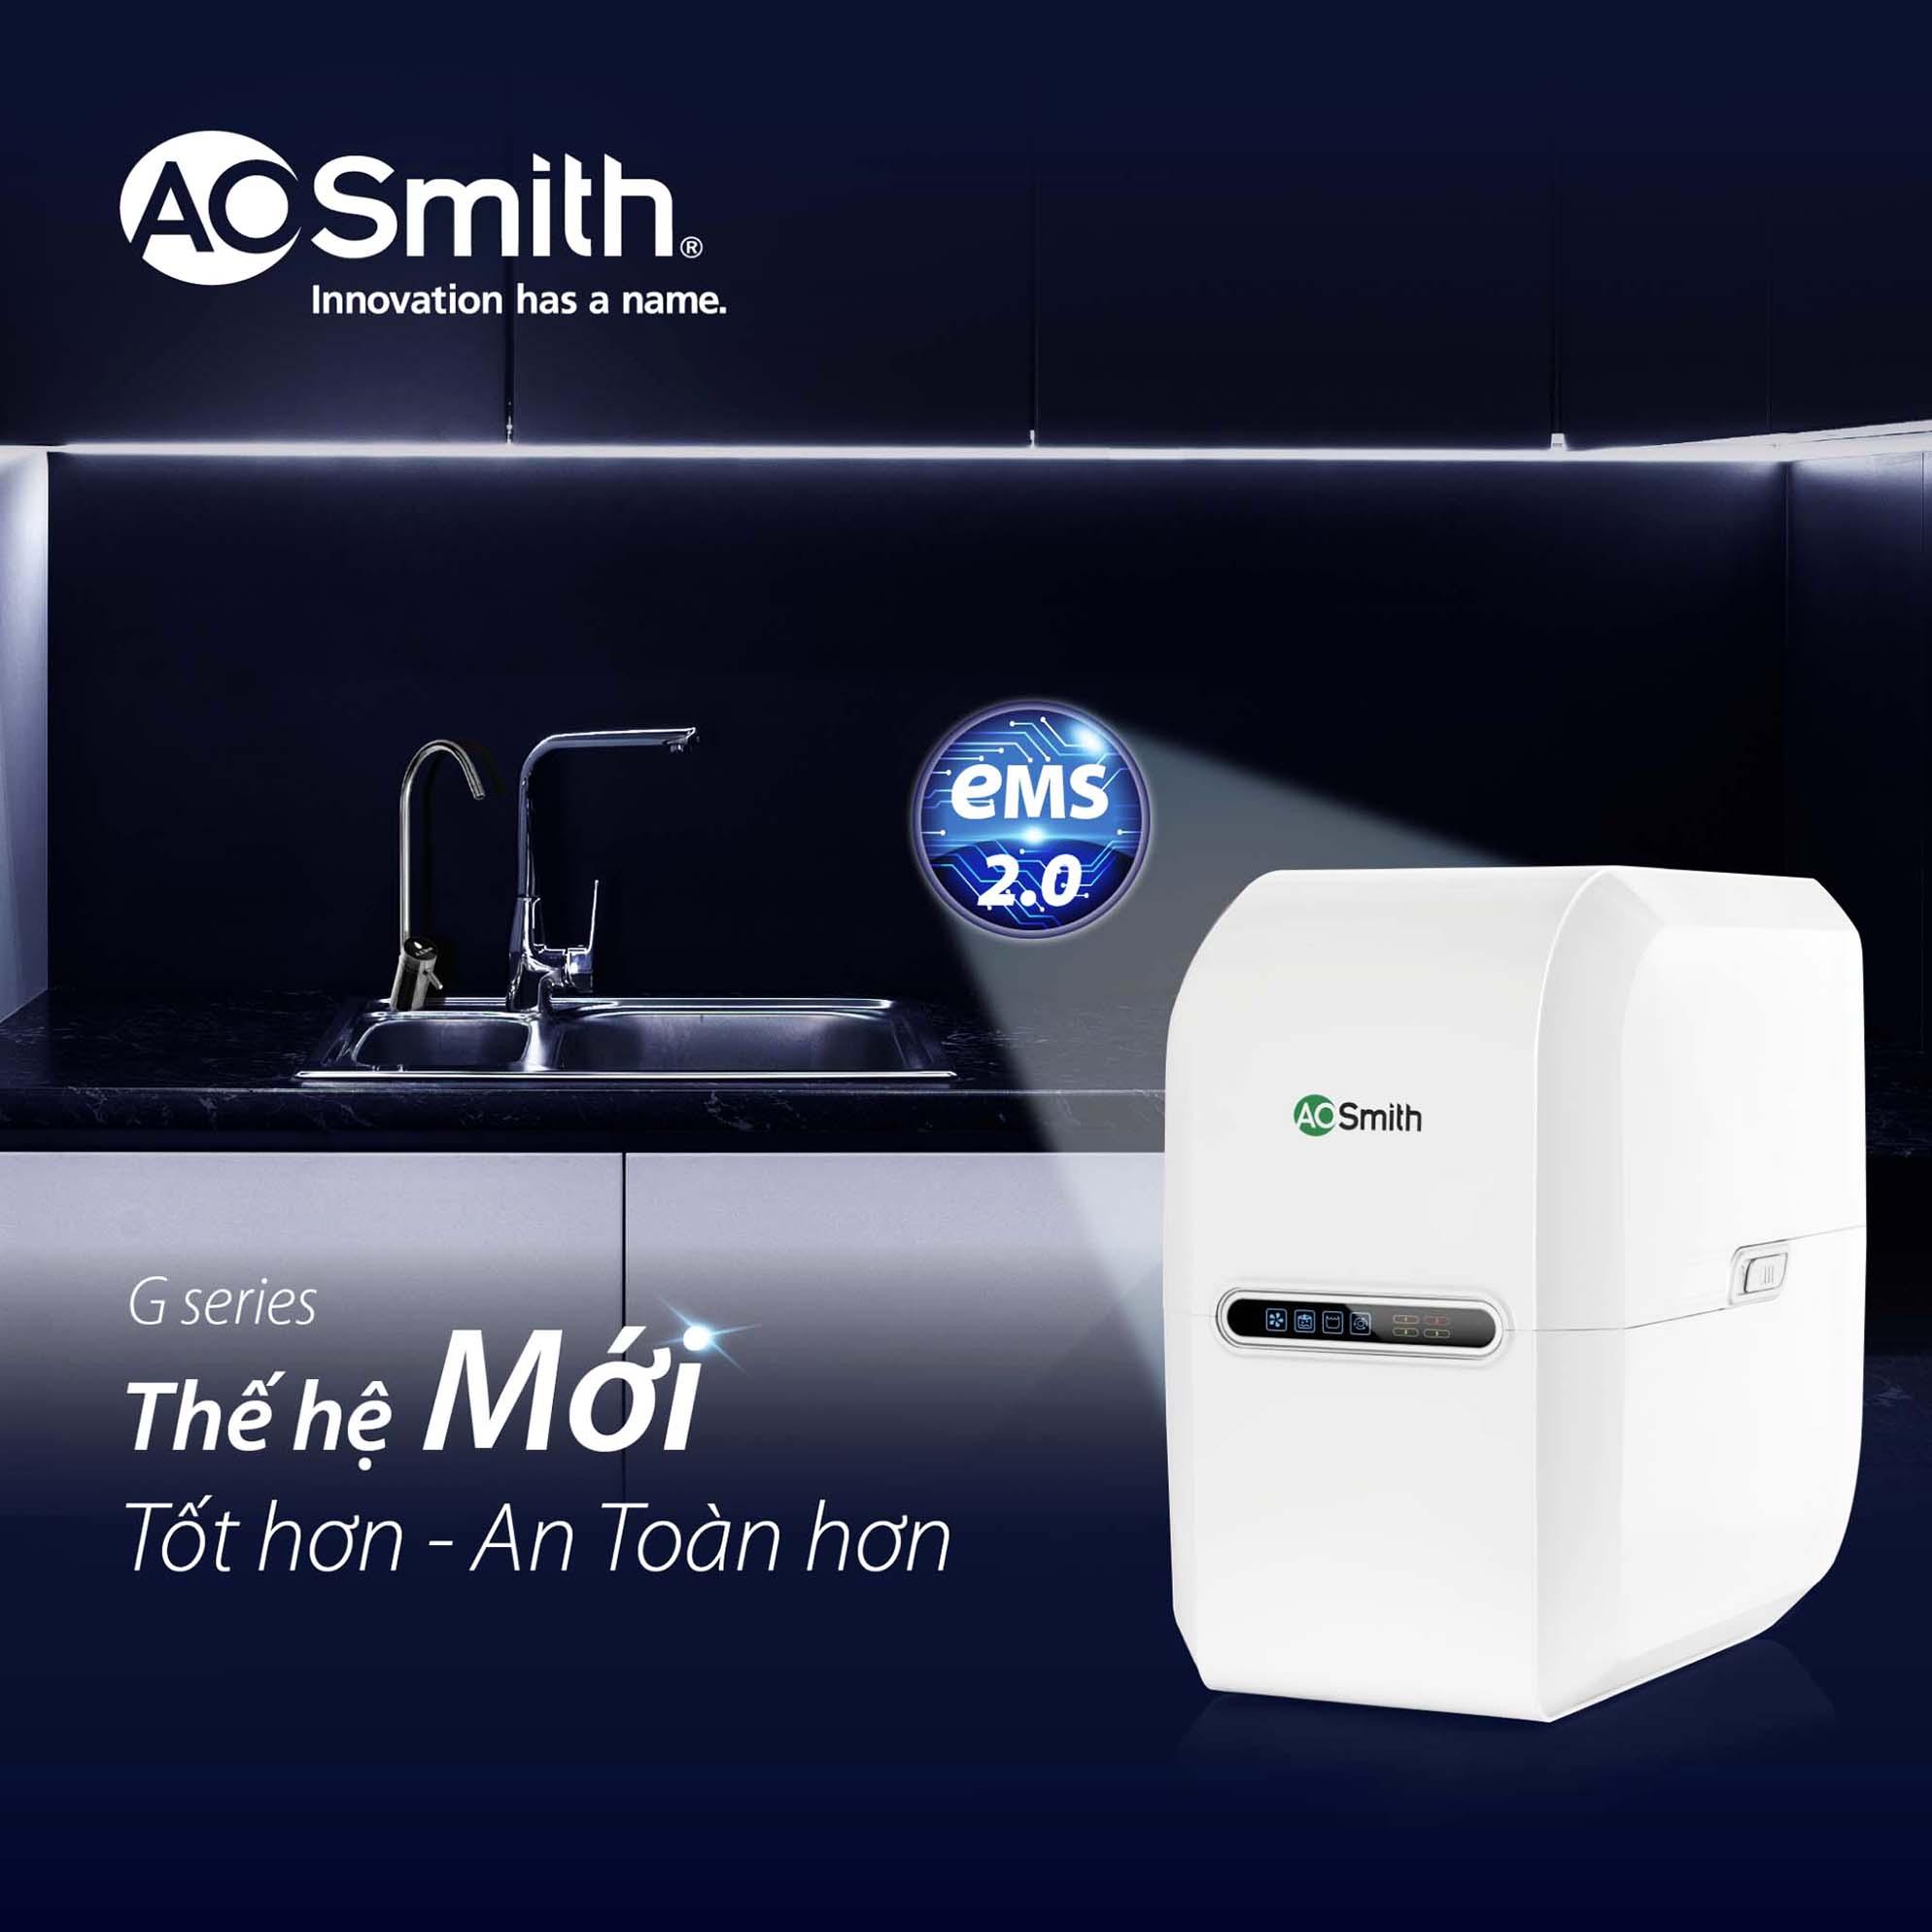 Tính năng lọc thông minh của máy lọc Ao Smith G2